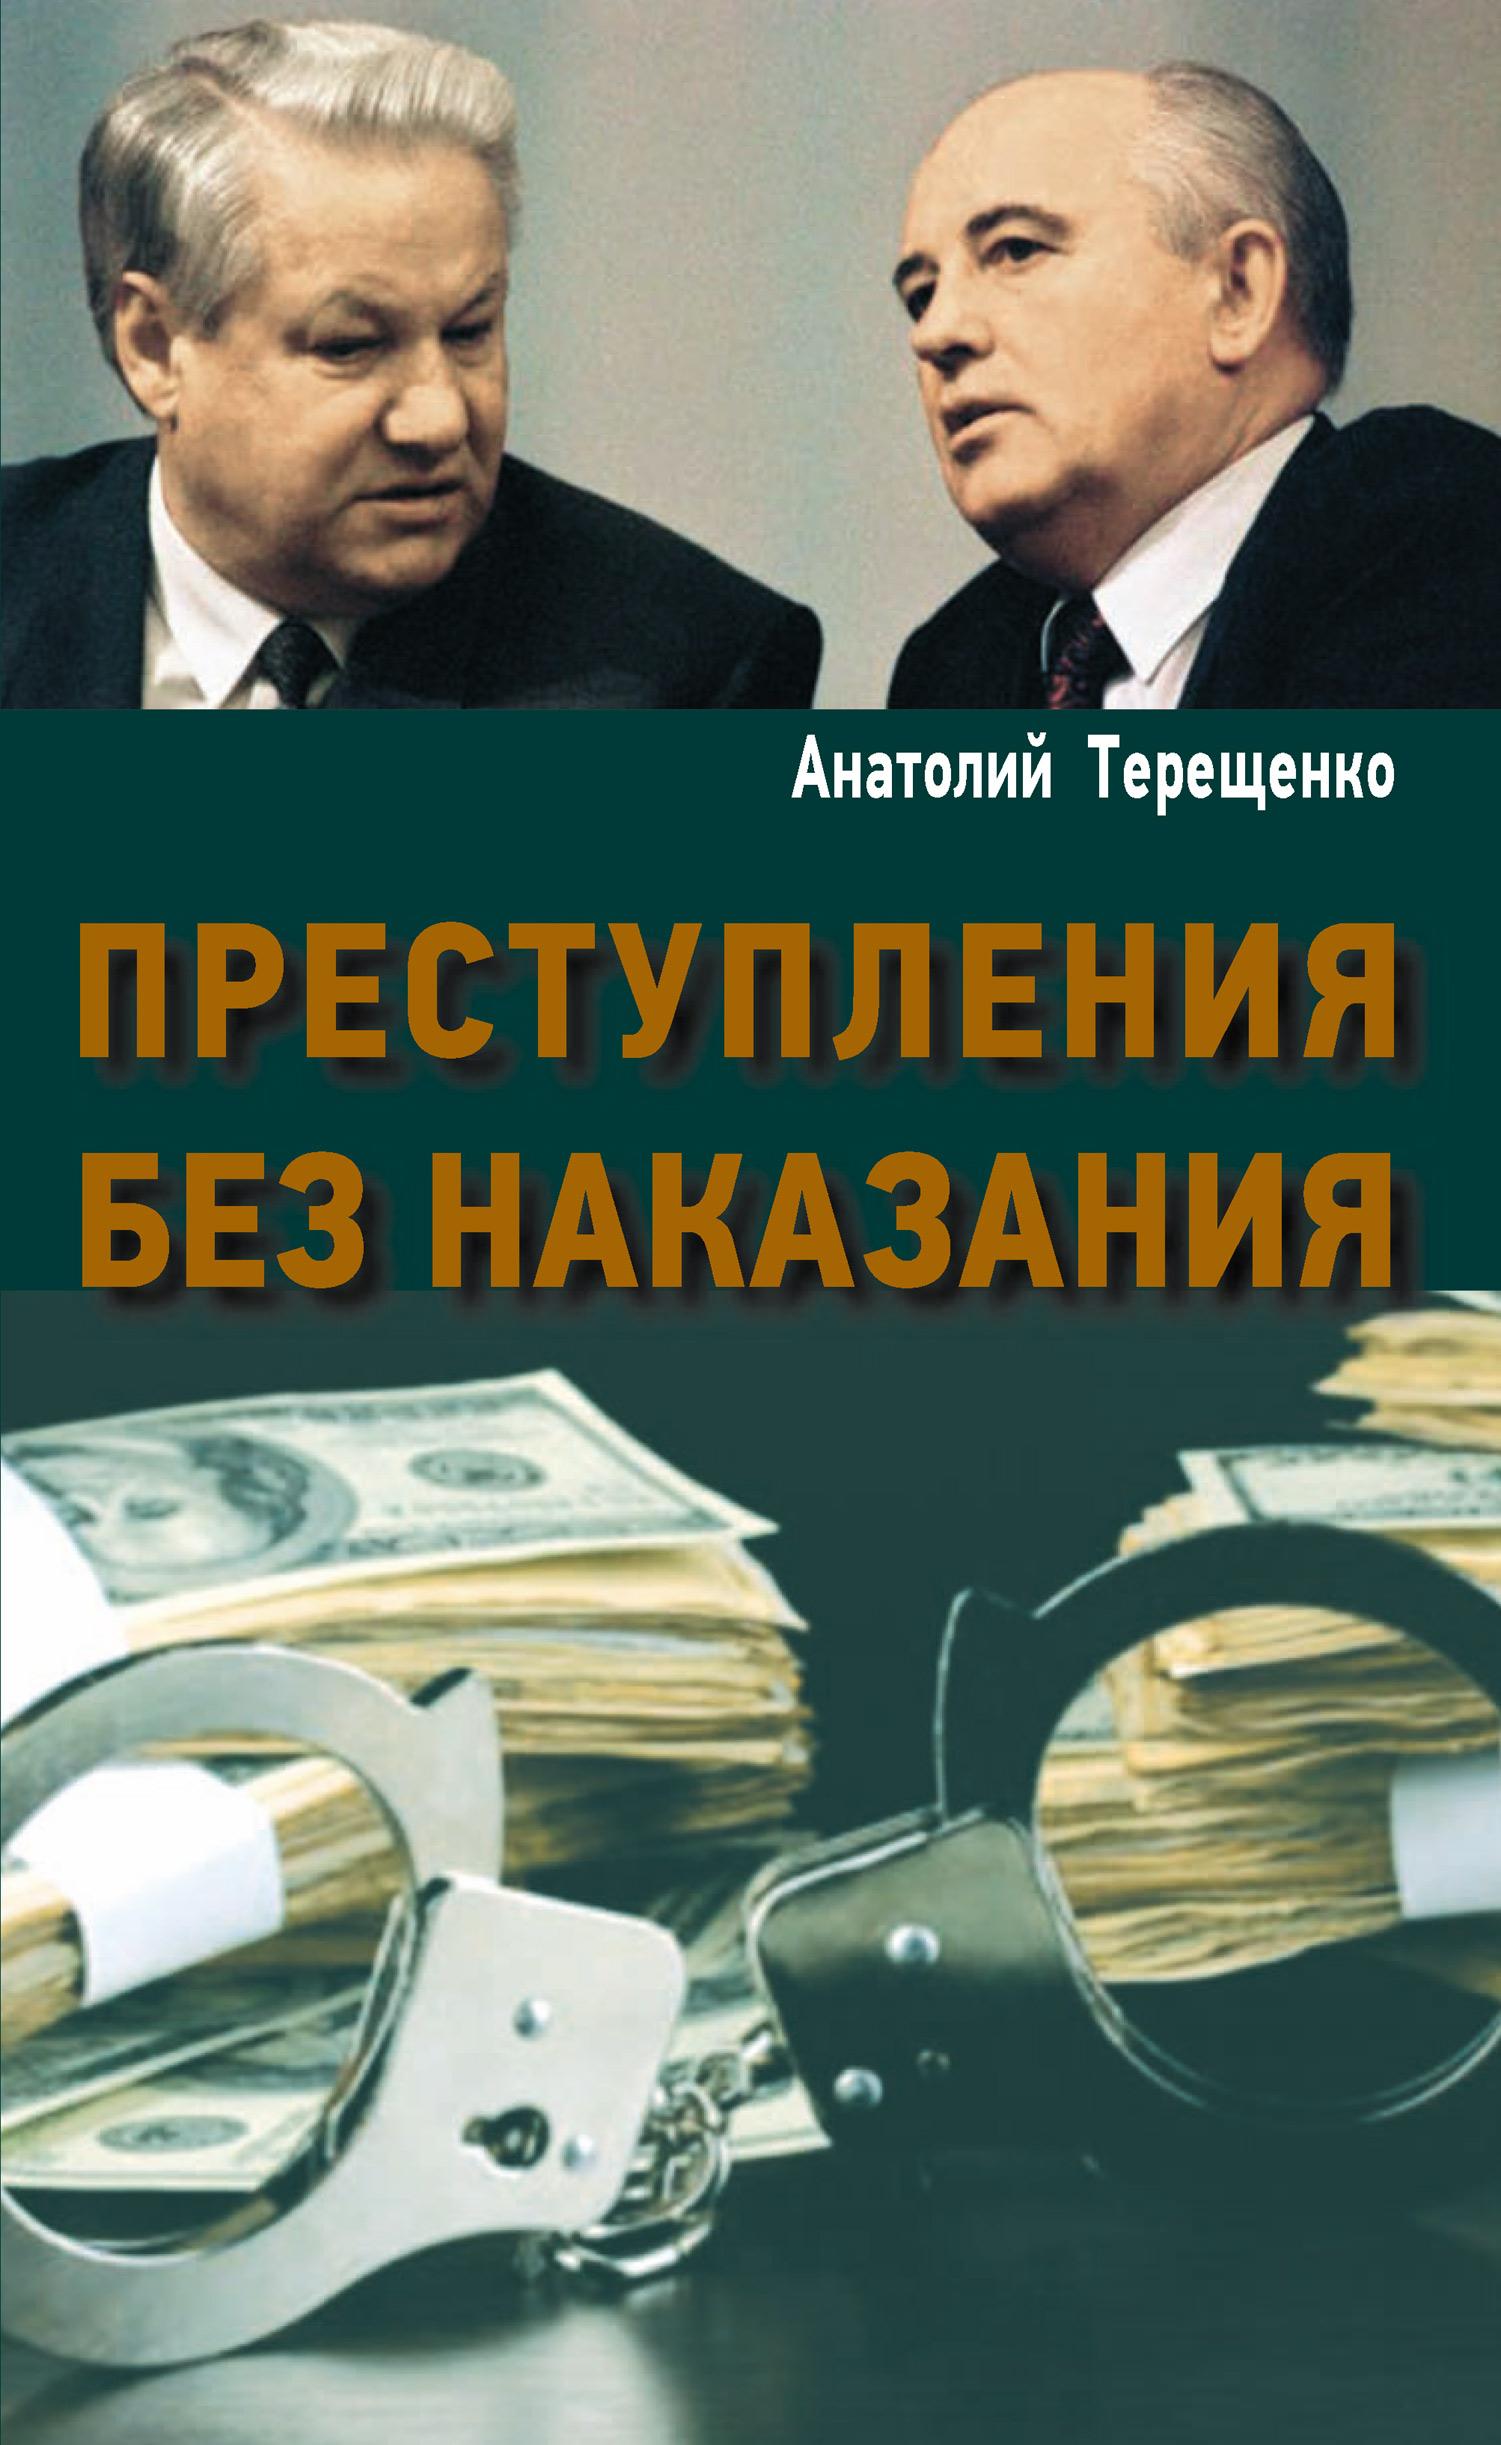 Анатолий Терещенко Преступления без наказания цены онлайн